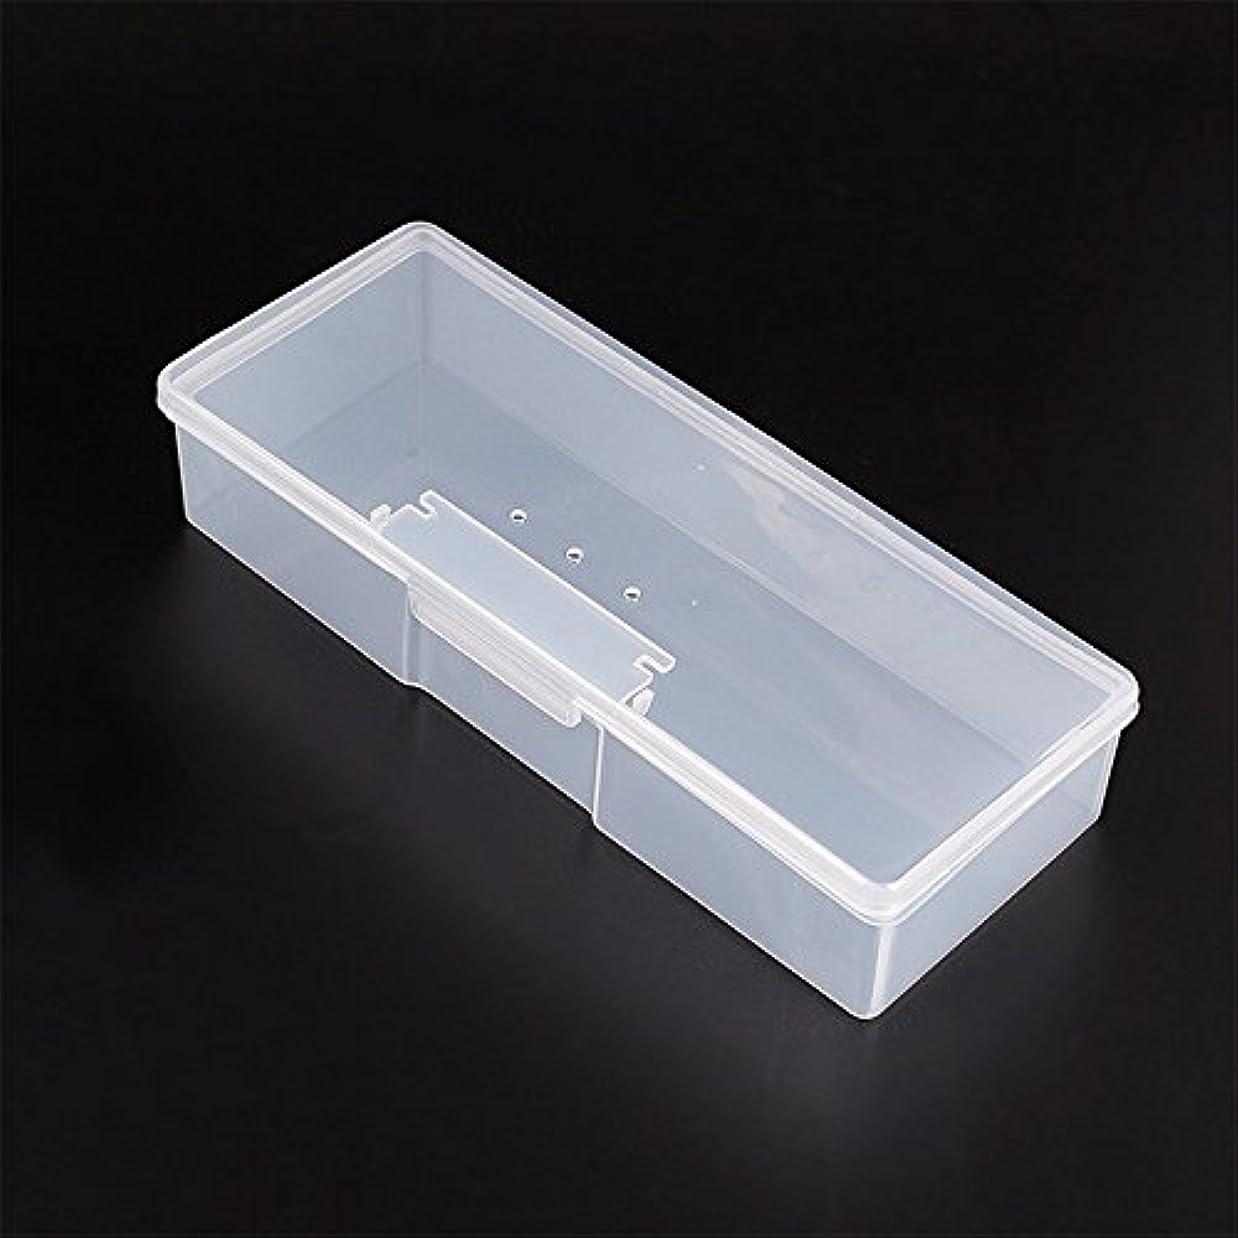 会計士臭いほこりっぽいマニキュアツール 収納ボックス ポータブル キット 透明ネイルアート 収納 ホワイト